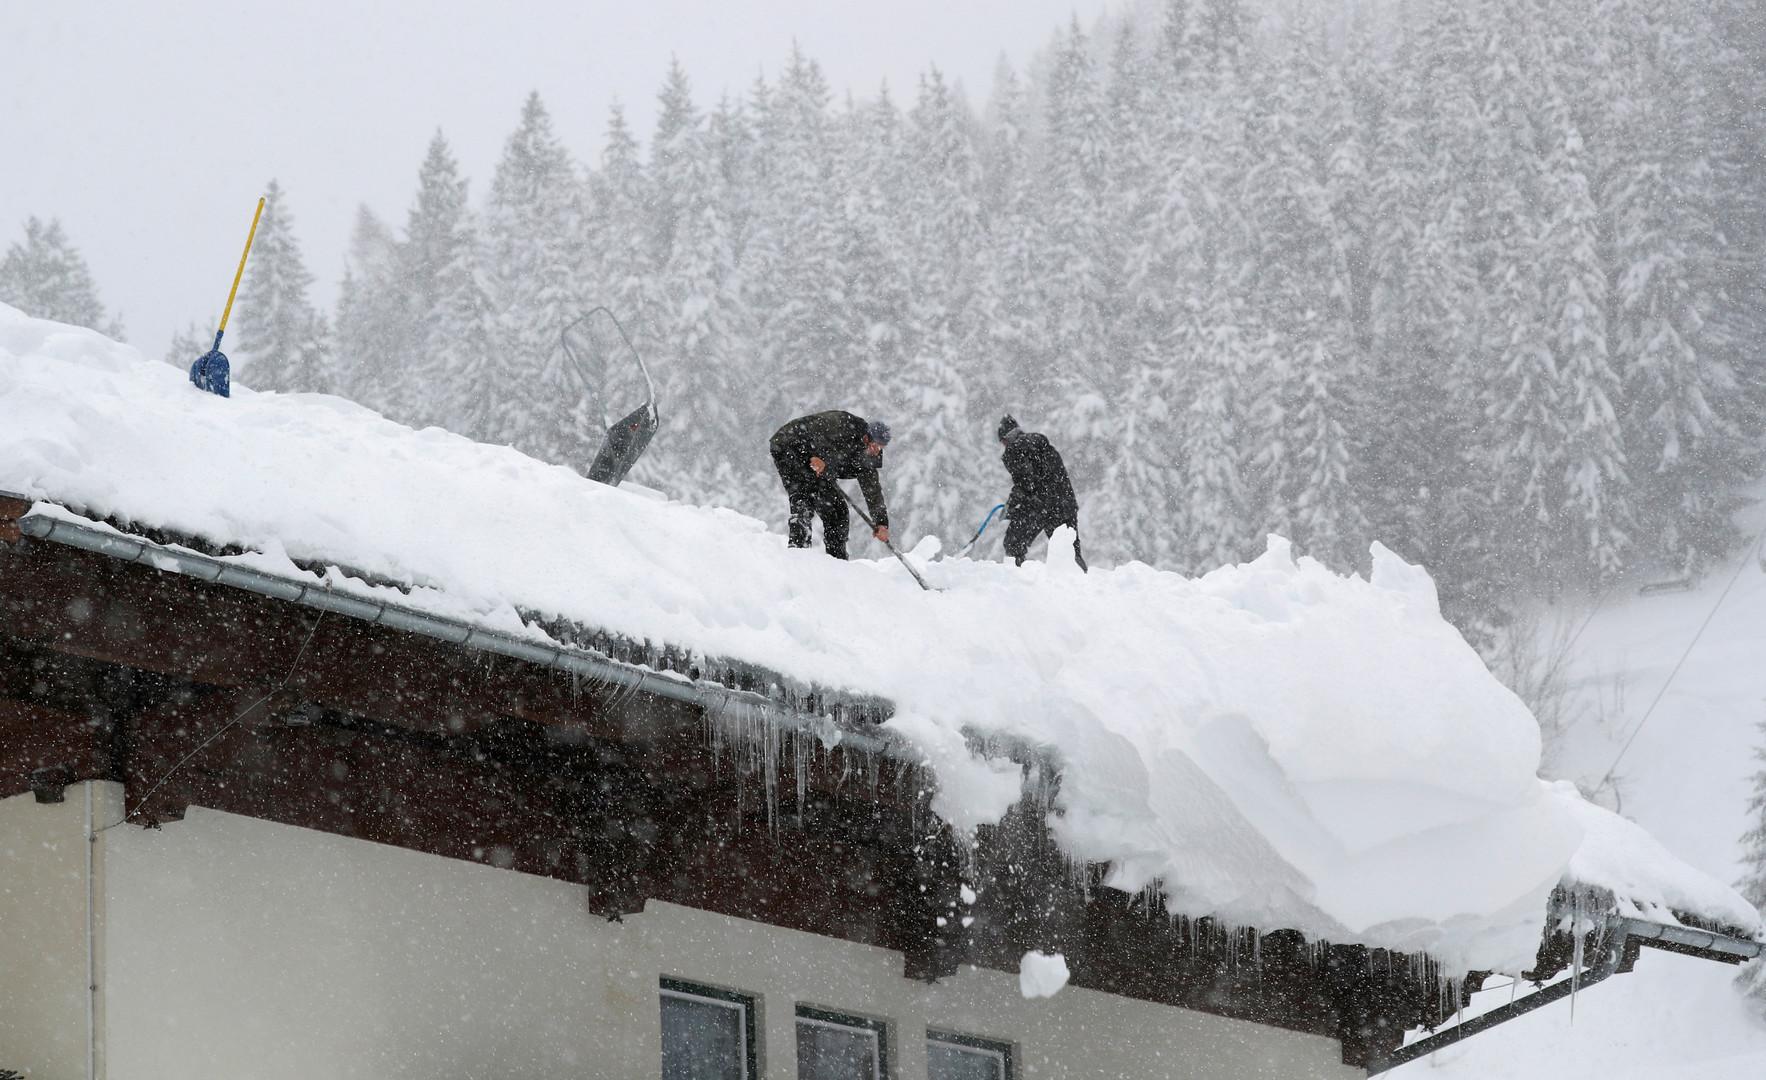 Kurze Ruhe vor dem nächsten Schneesturm: Neue heftige Schneefälle an den Alpen erwartet